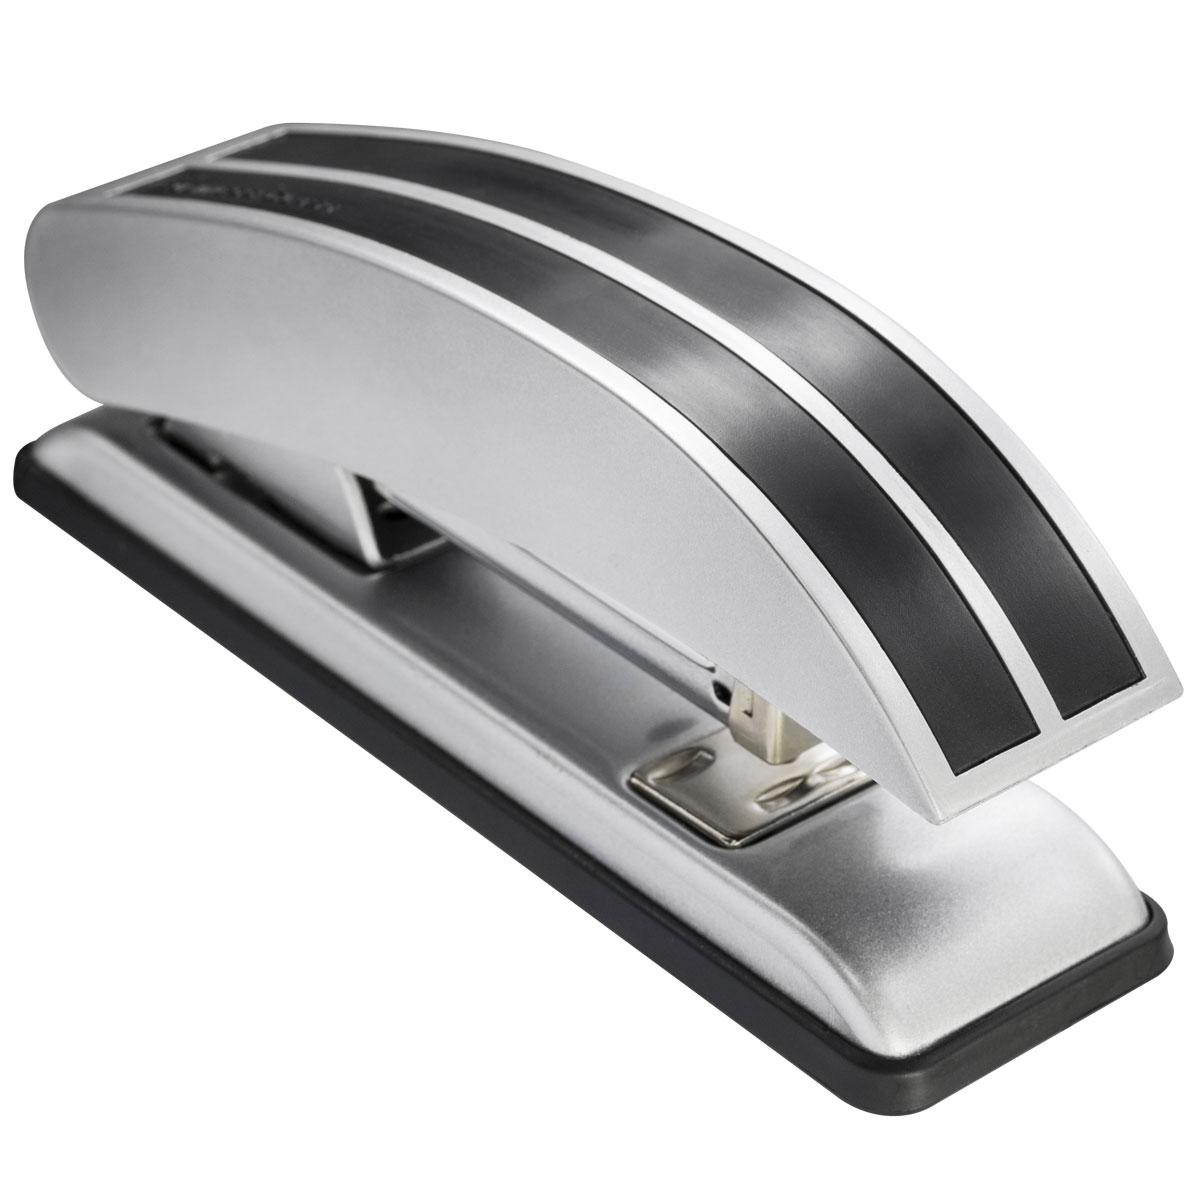 Laco Степлер BC518 скоба №24/6 на 25 листов цвет черный2630301Элегантный металлический степлер с пластиковыми декоративными элементами. Рассчитан на 100 скоб №24/6 или 26/6. Открытое и закрытое скрепление. Глубина прошивки 60 мм. Пробивная толщина 25 листов. Цвет - черный